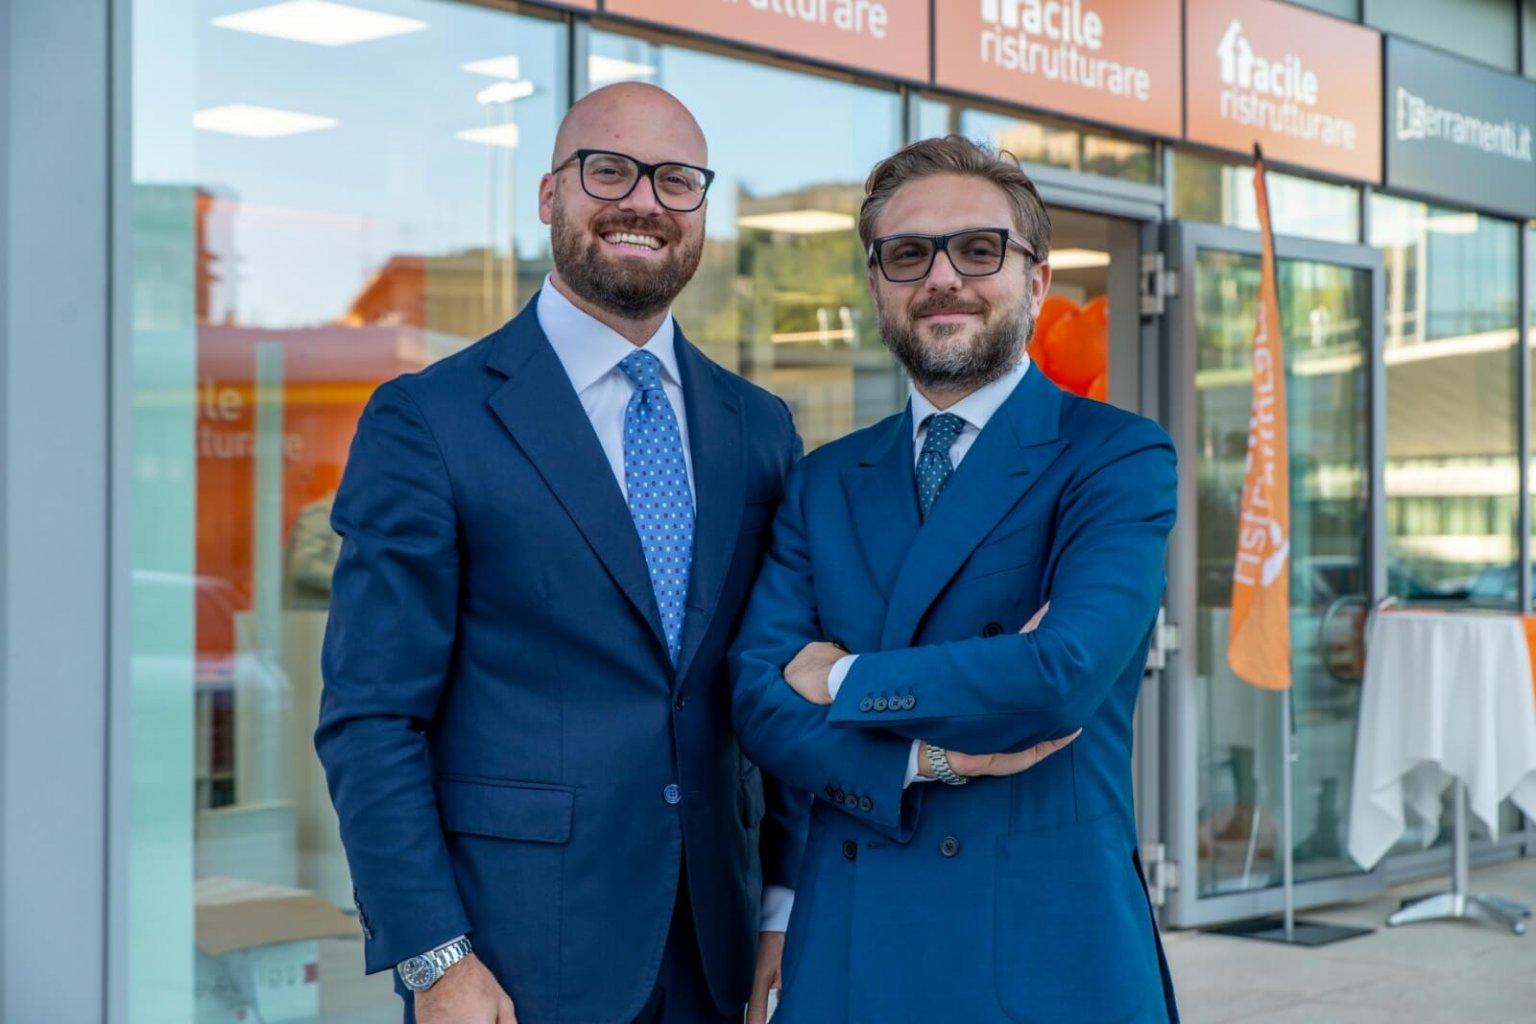 Facile Ristrutturare inaugura a Frosinone il nuovo Store ...